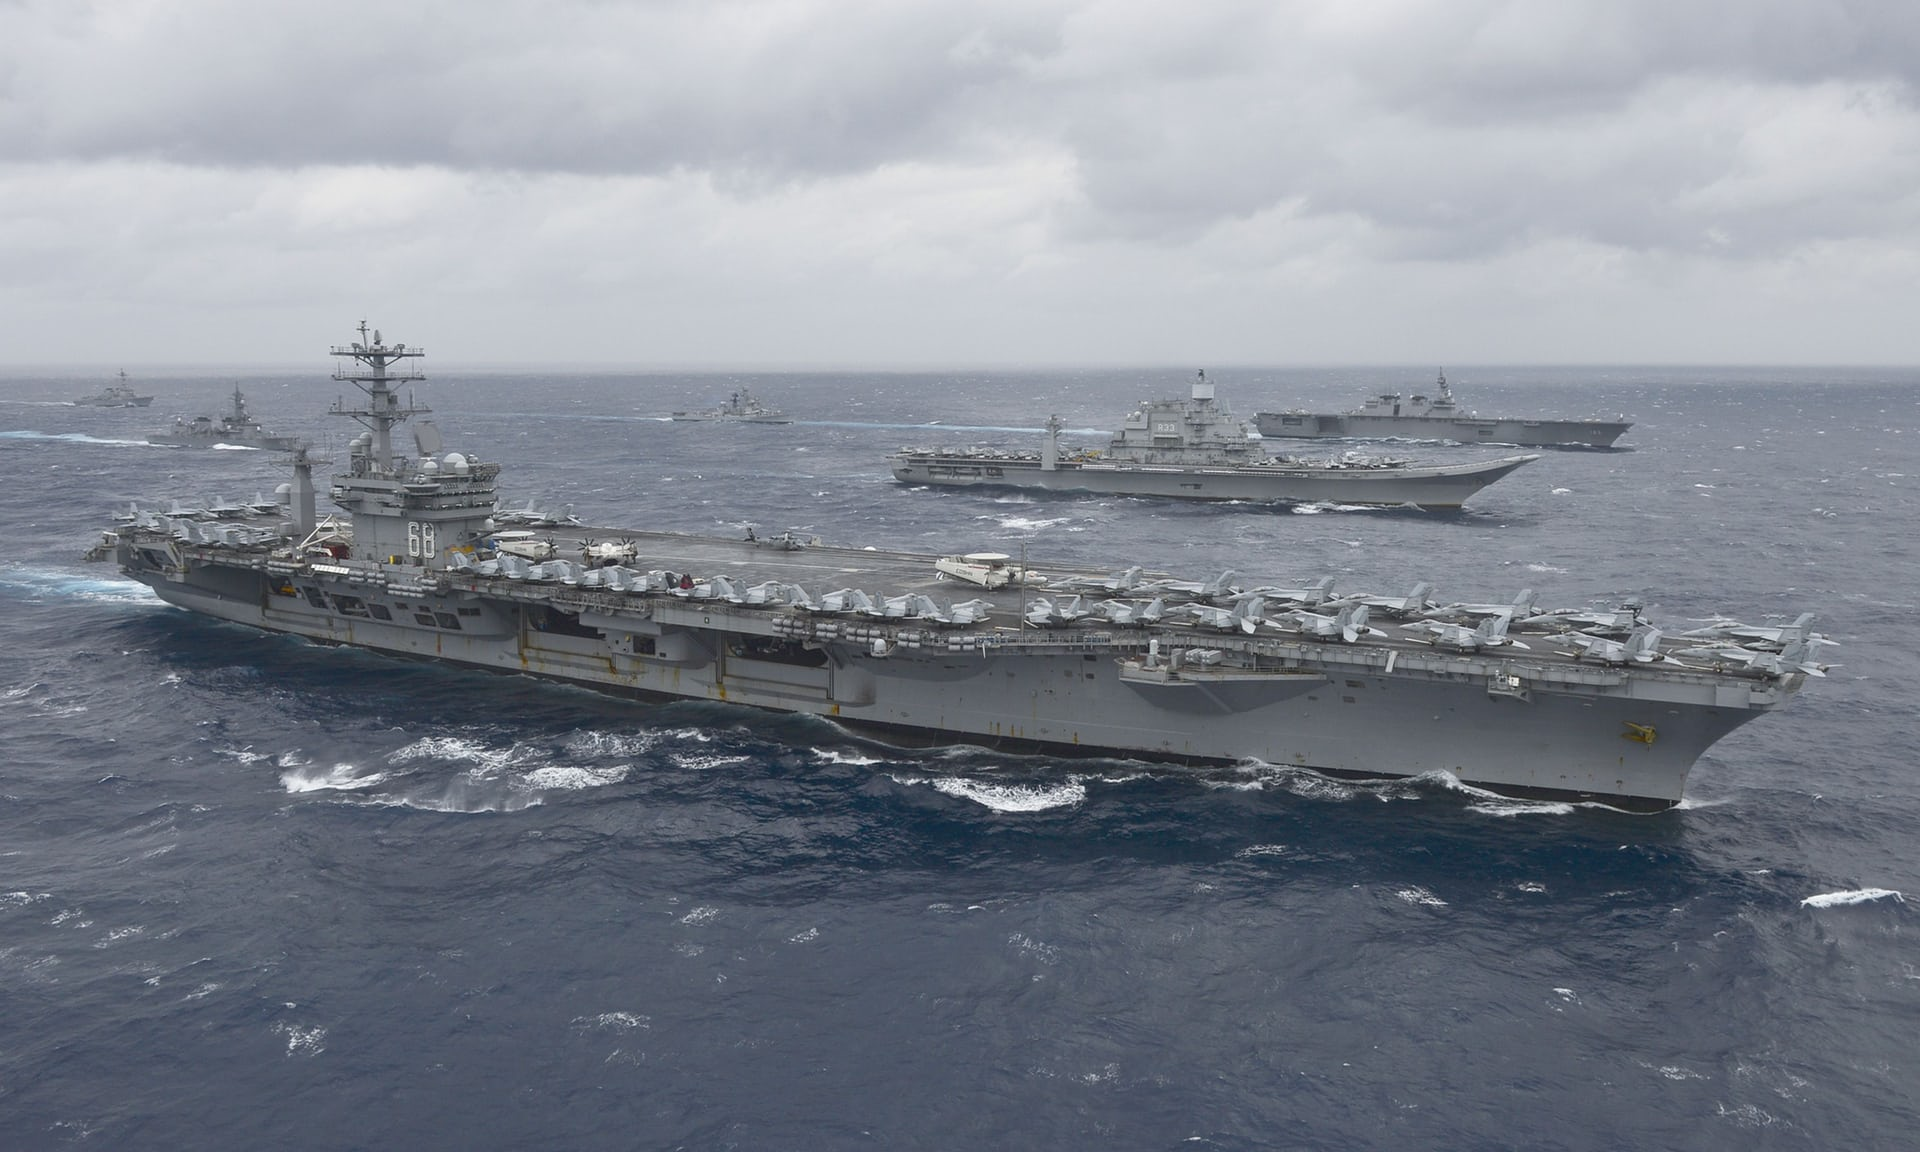 طرح جدید آمریکا برای ایجاد نیروی دریایی و واکنش سریع مشترک در خلیج فارس!